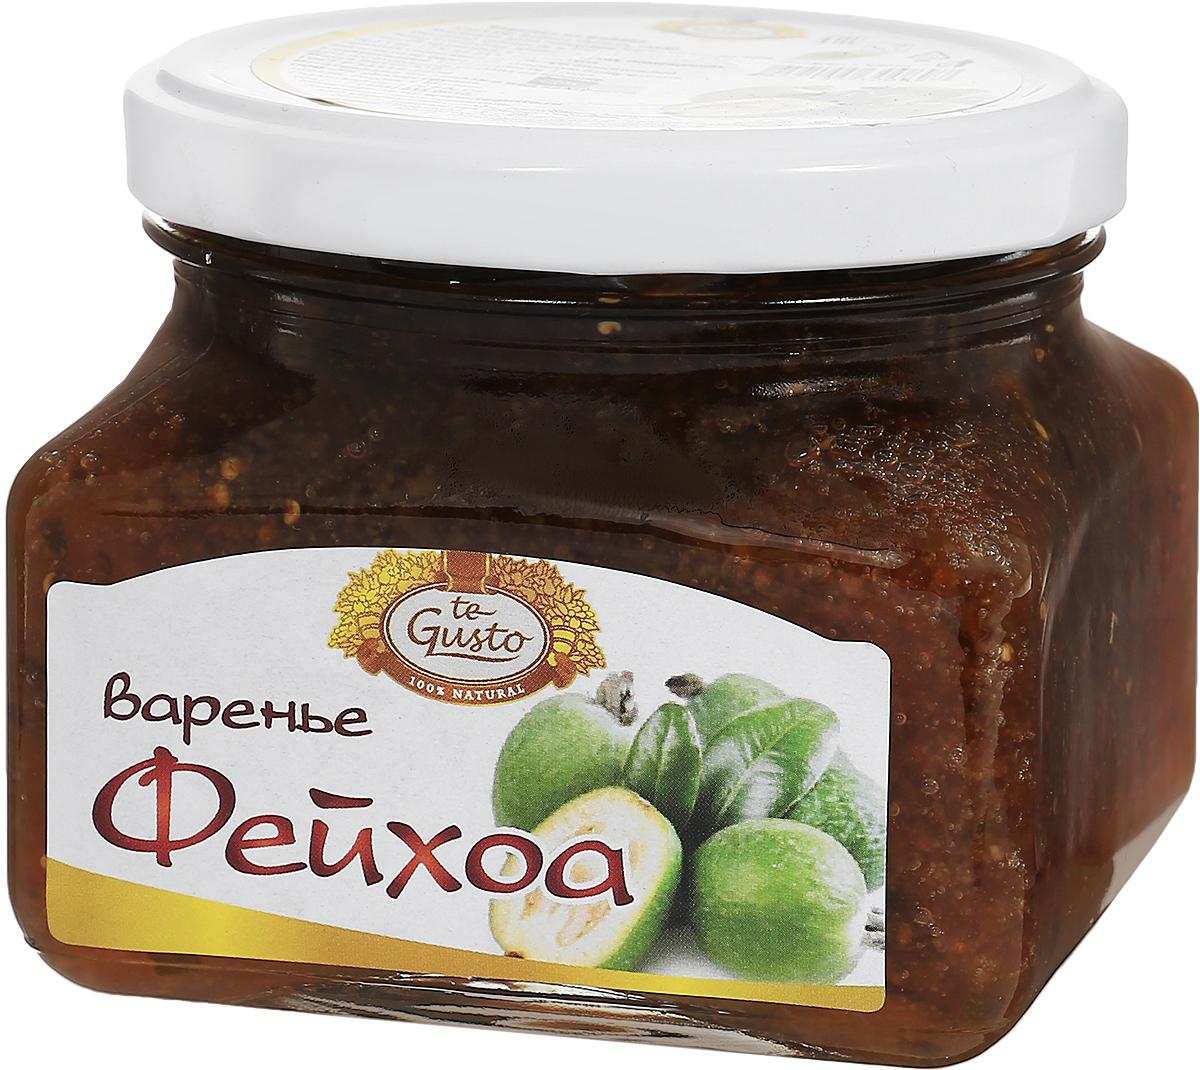 te Gusto Варенье из фейхоа, 430 г4657155300897Варенье te Gusto сварено из свежих ягод фейхоа, выращенных в Армении. Фейхоа - единственная ягода, содержание йода в которой не меньше, чем в морепродуктах. В кожуре плода содержатся биологически активные вещества: кахетин и лейкоантоцин, которые являются мощными антиоксидантами обладающие профилактическим действием на онкологические заболевания. Витамин С и ароматные эфирные масла фейхоа применяются при лечении простудных заболеваний, ОРЗ и гриппа, а также в качестве иммуномодулятора. Для лечения лучше употреблять плоды с теплым питьем в виде варенья. Плоды фейхоа врачи назначают людям с нарушениями работы щитовидной железы и при умственных нагрузках.